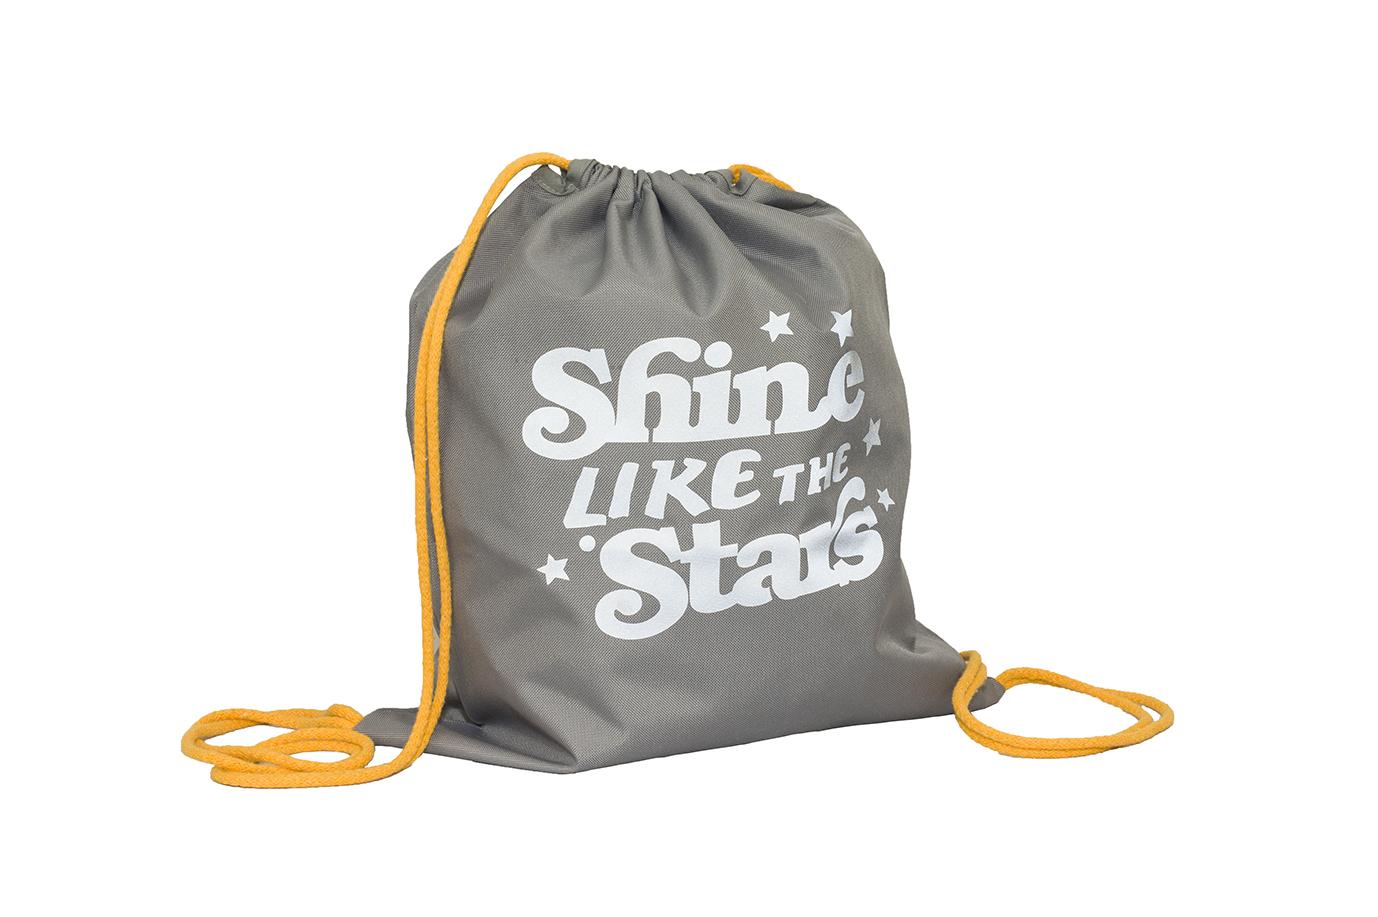 Szary worek z odblaskowym nadrukiem SHINE LIKE THE STARS